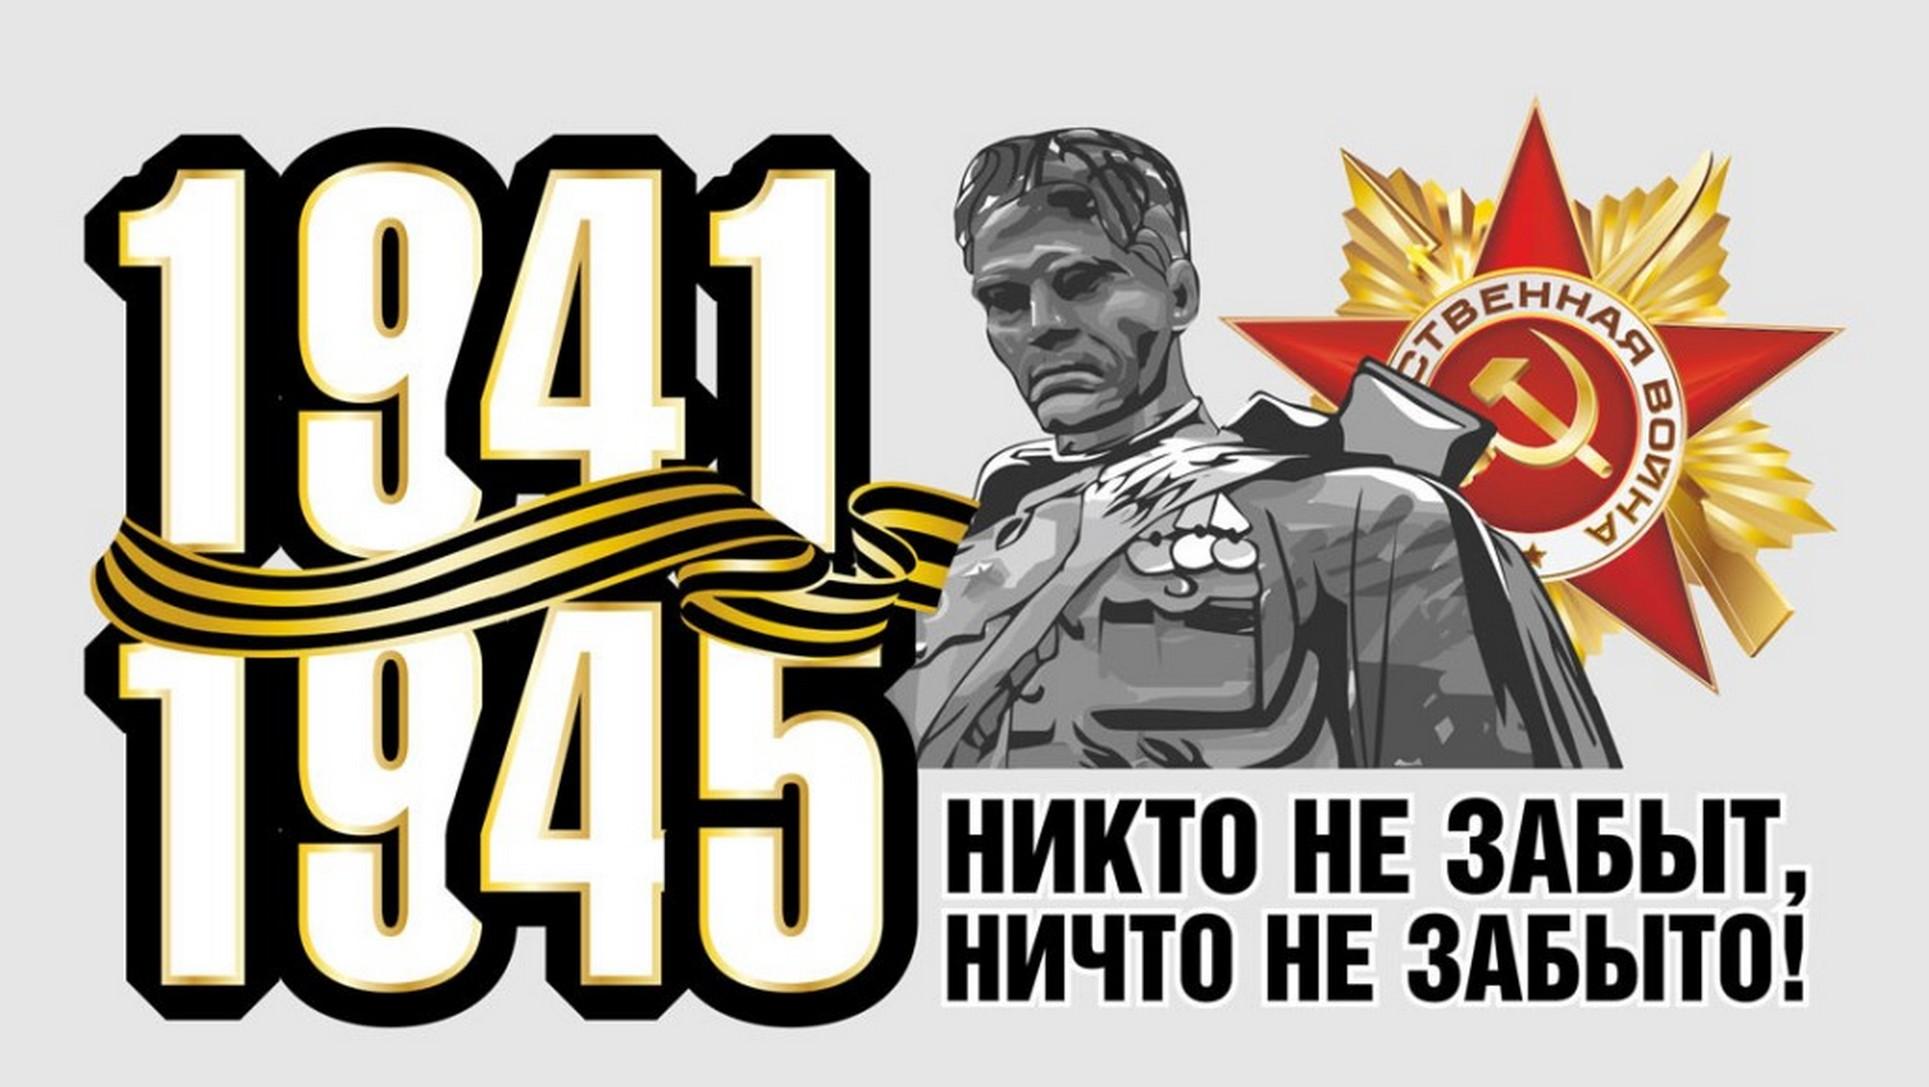 C Праздником 9 мая! Никто не забыт и ничто не забыто!C Праздником 9 мая! Никто не забыт и ничто не забыто!